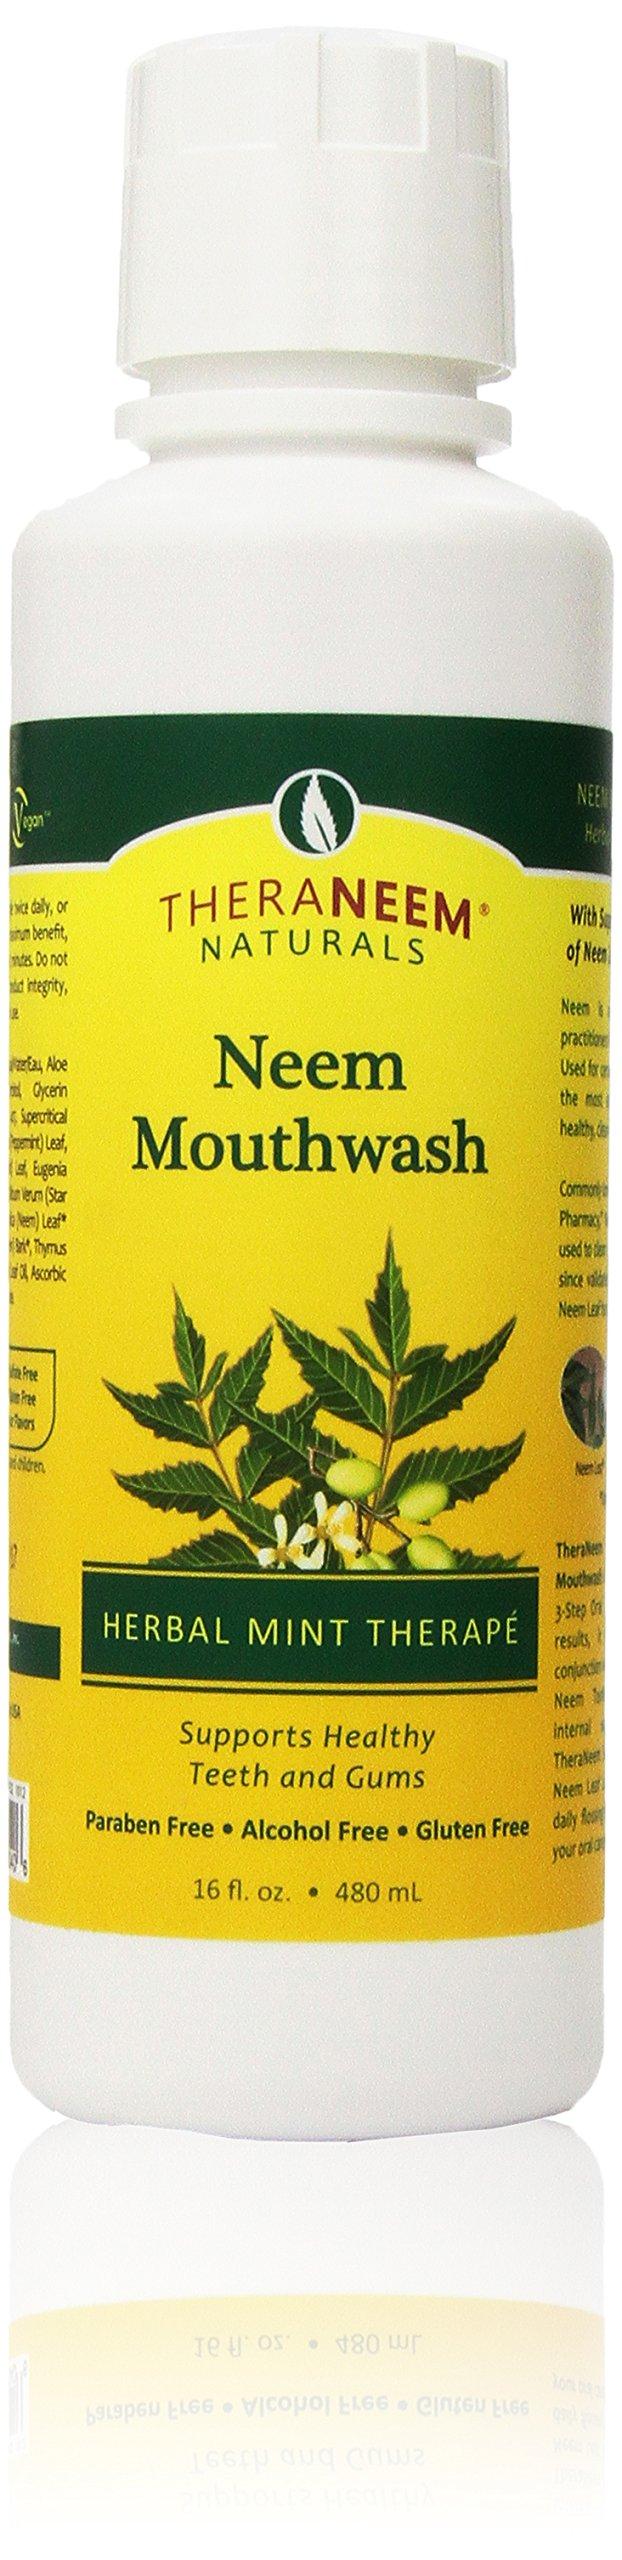 TheraNeem Mouthwash-Mint Organix South 16 Fl oz Liquid